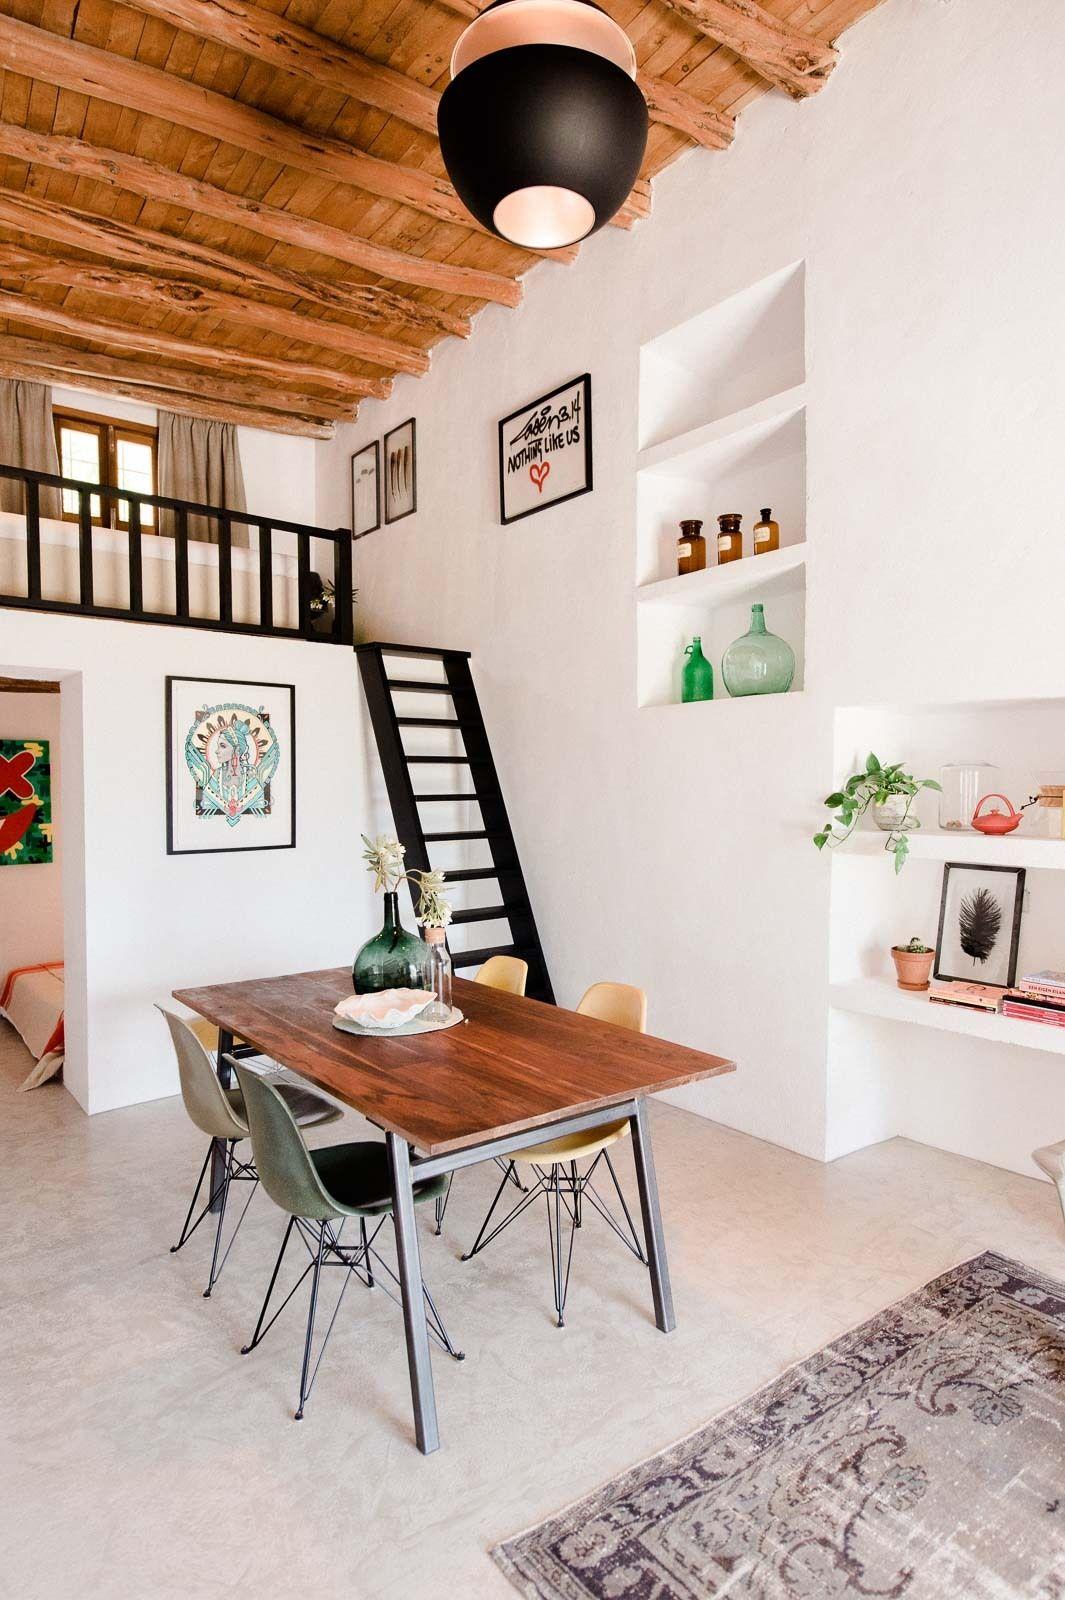 Mezzanine For Small Houses u003eu003eu003e You Can